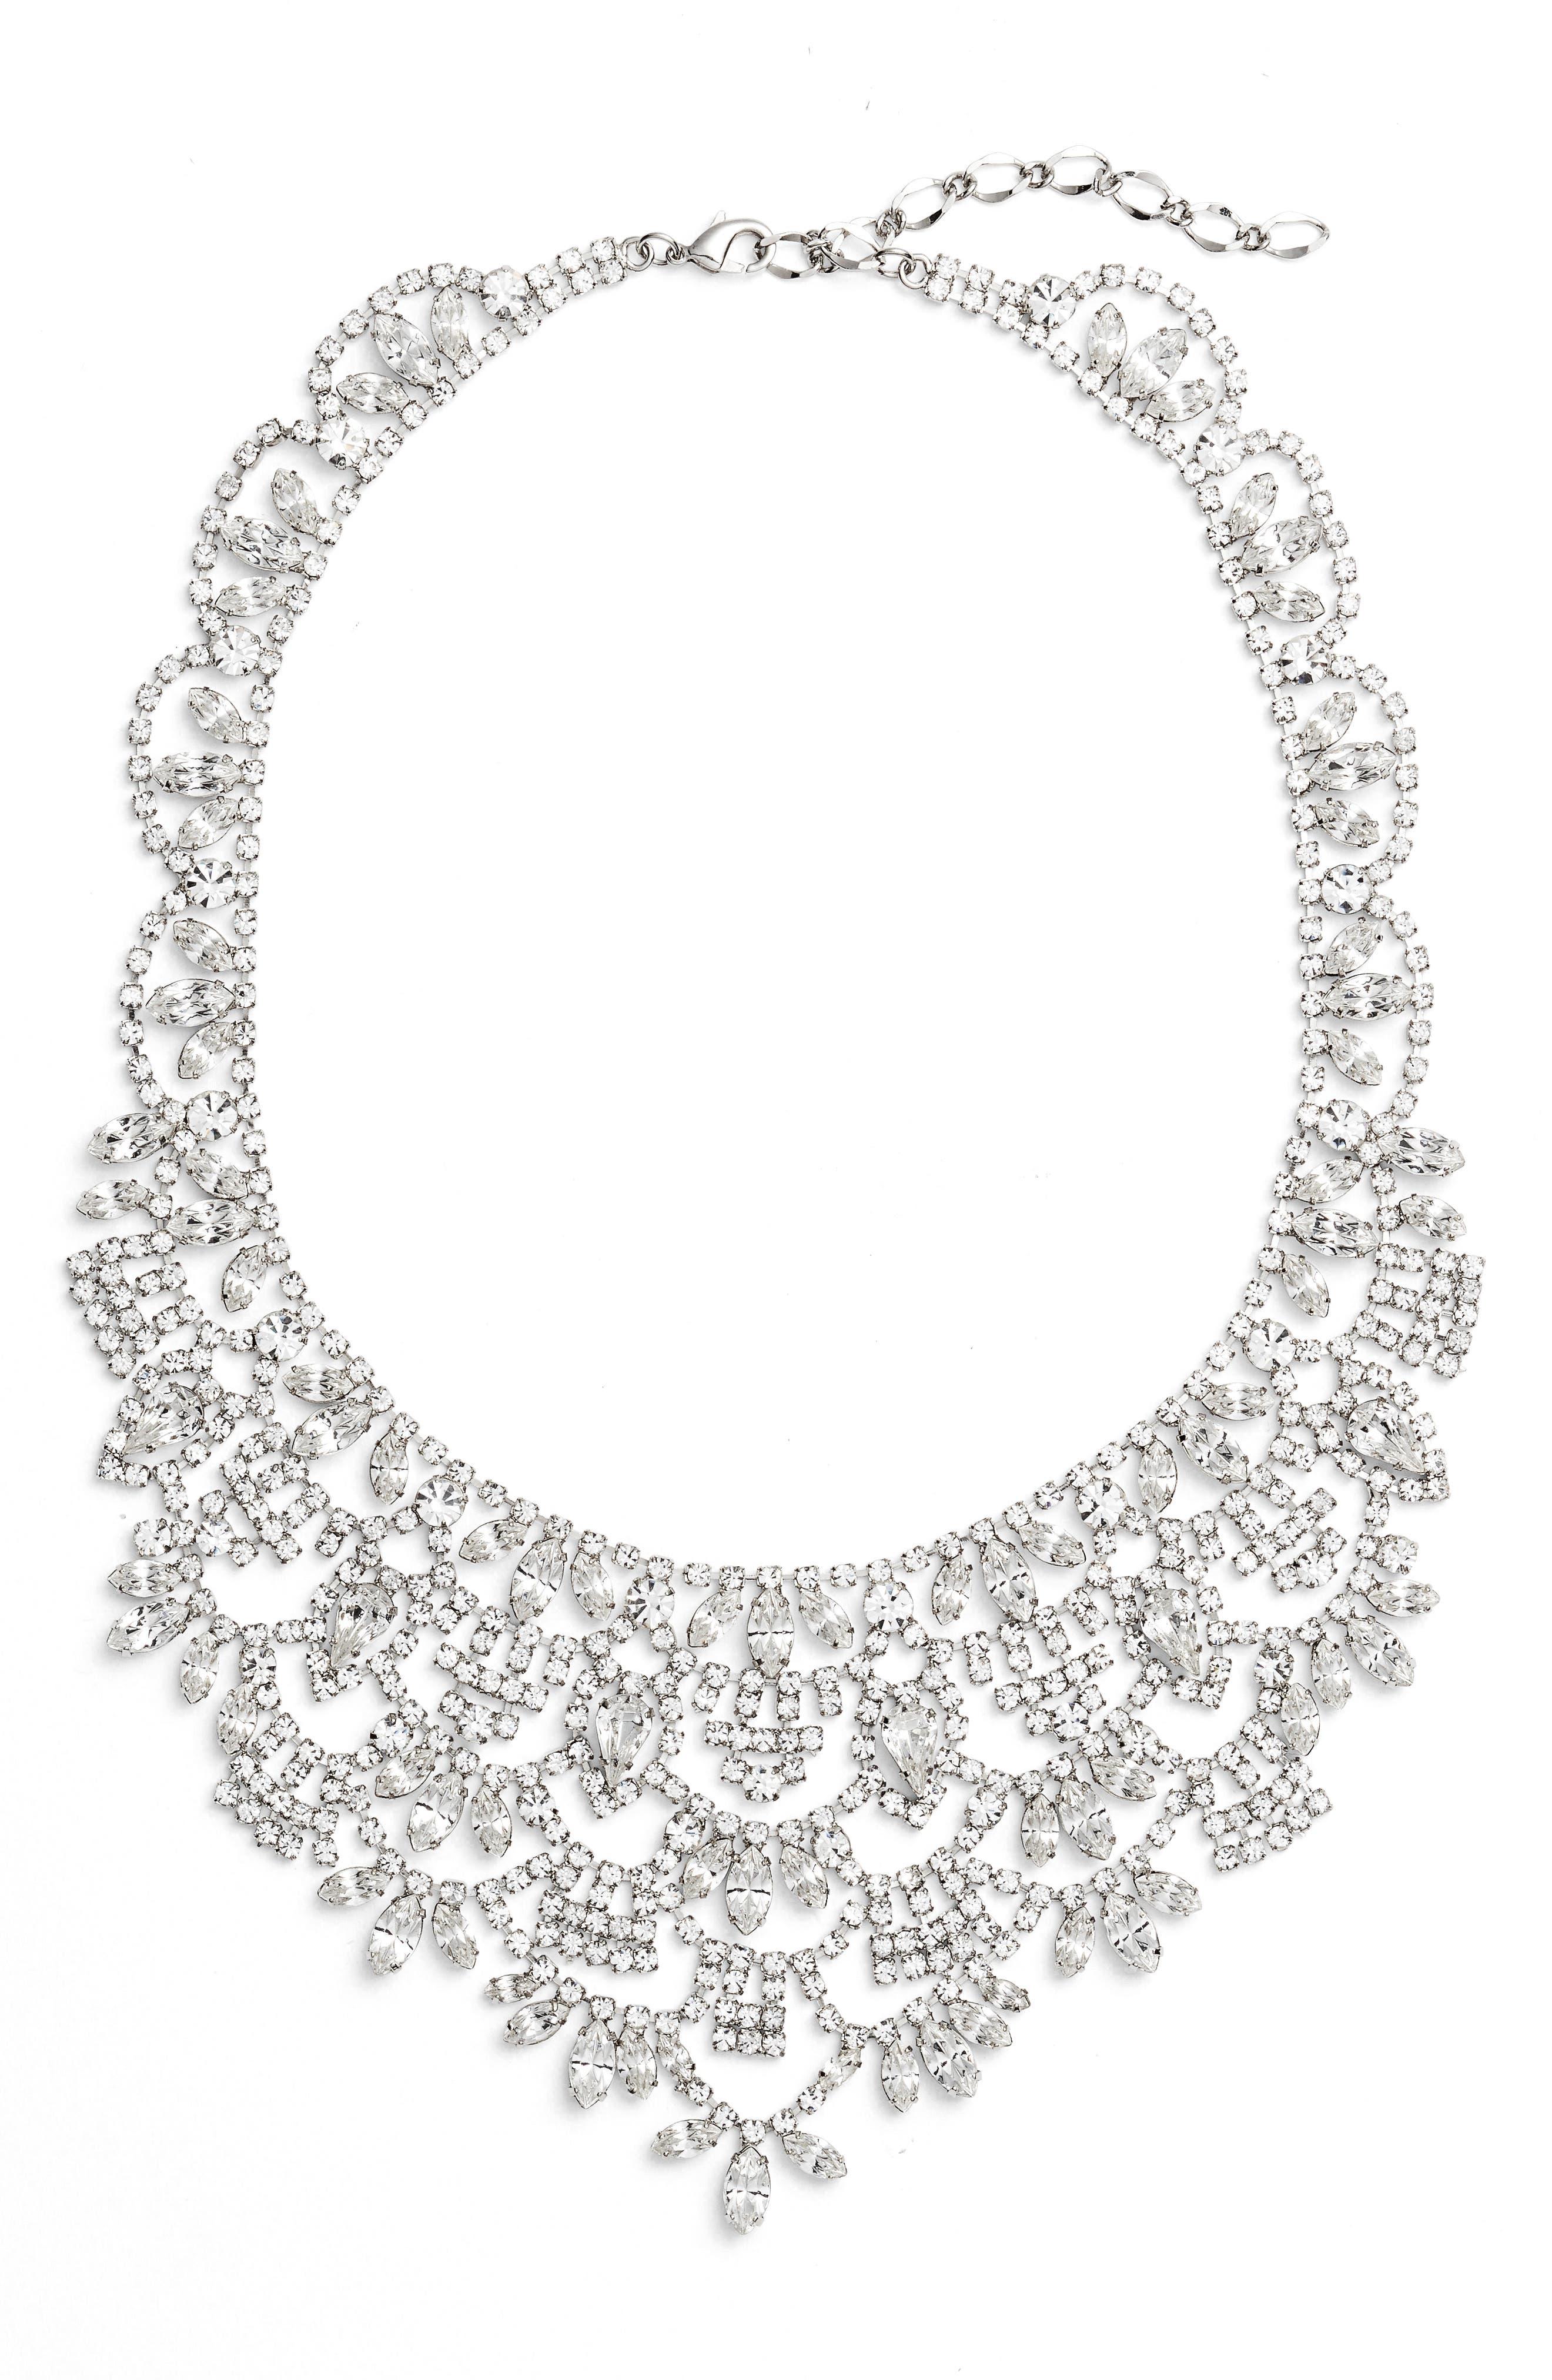 Crystal Bib Necklace,                             Main thumbnail 1, color,                             Silver